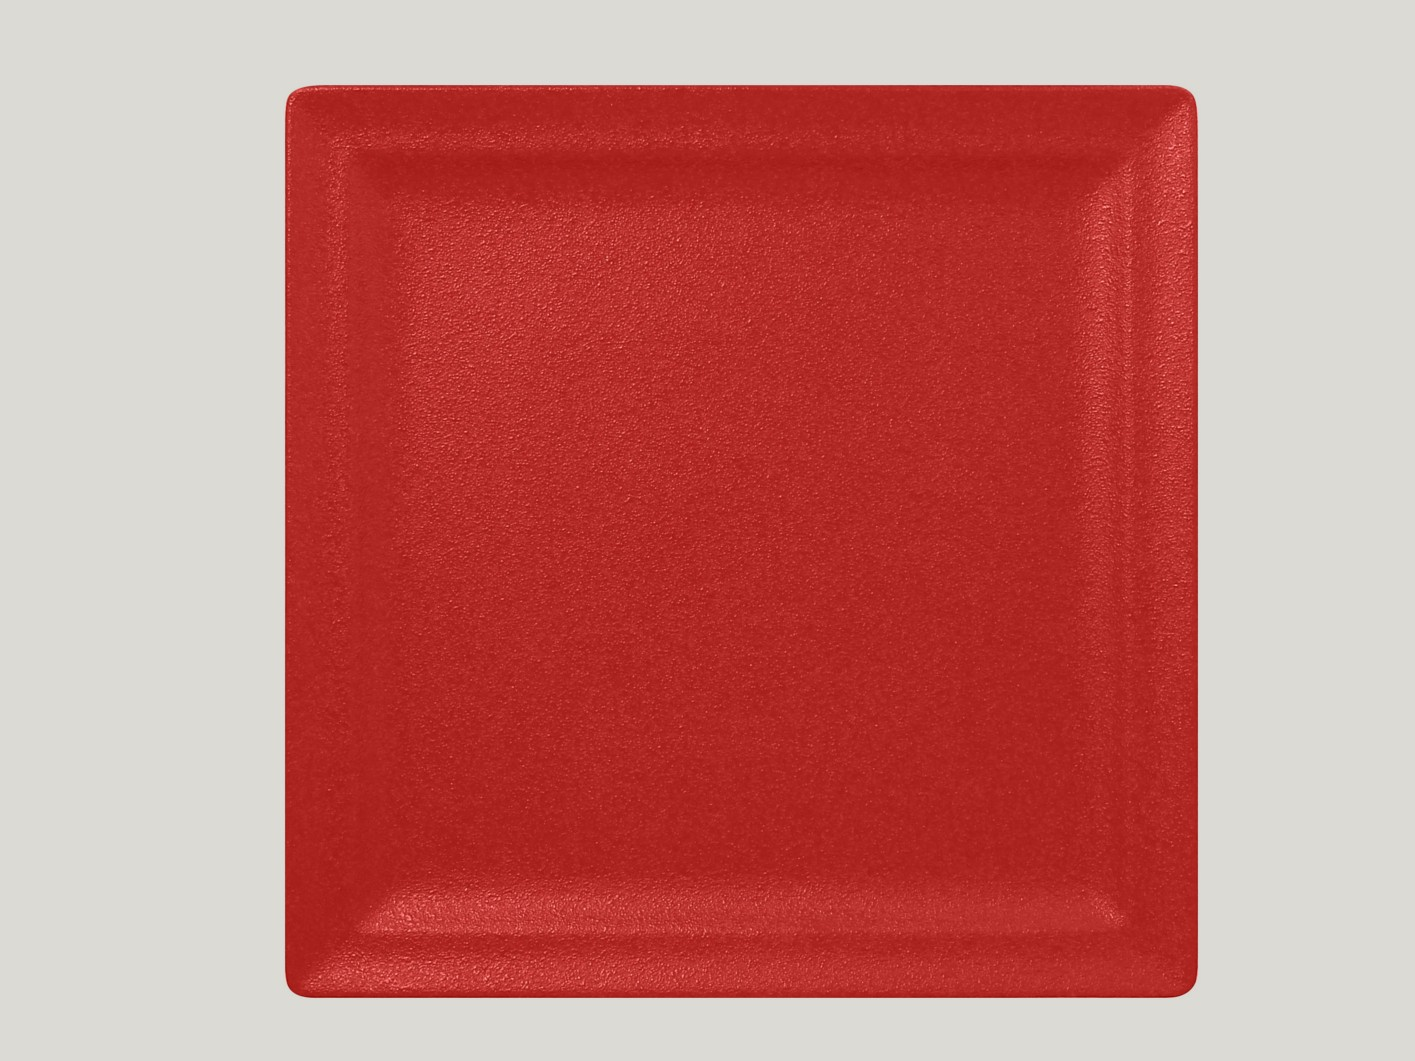 Čtvercový mělký talíř - světle červená Neofusion